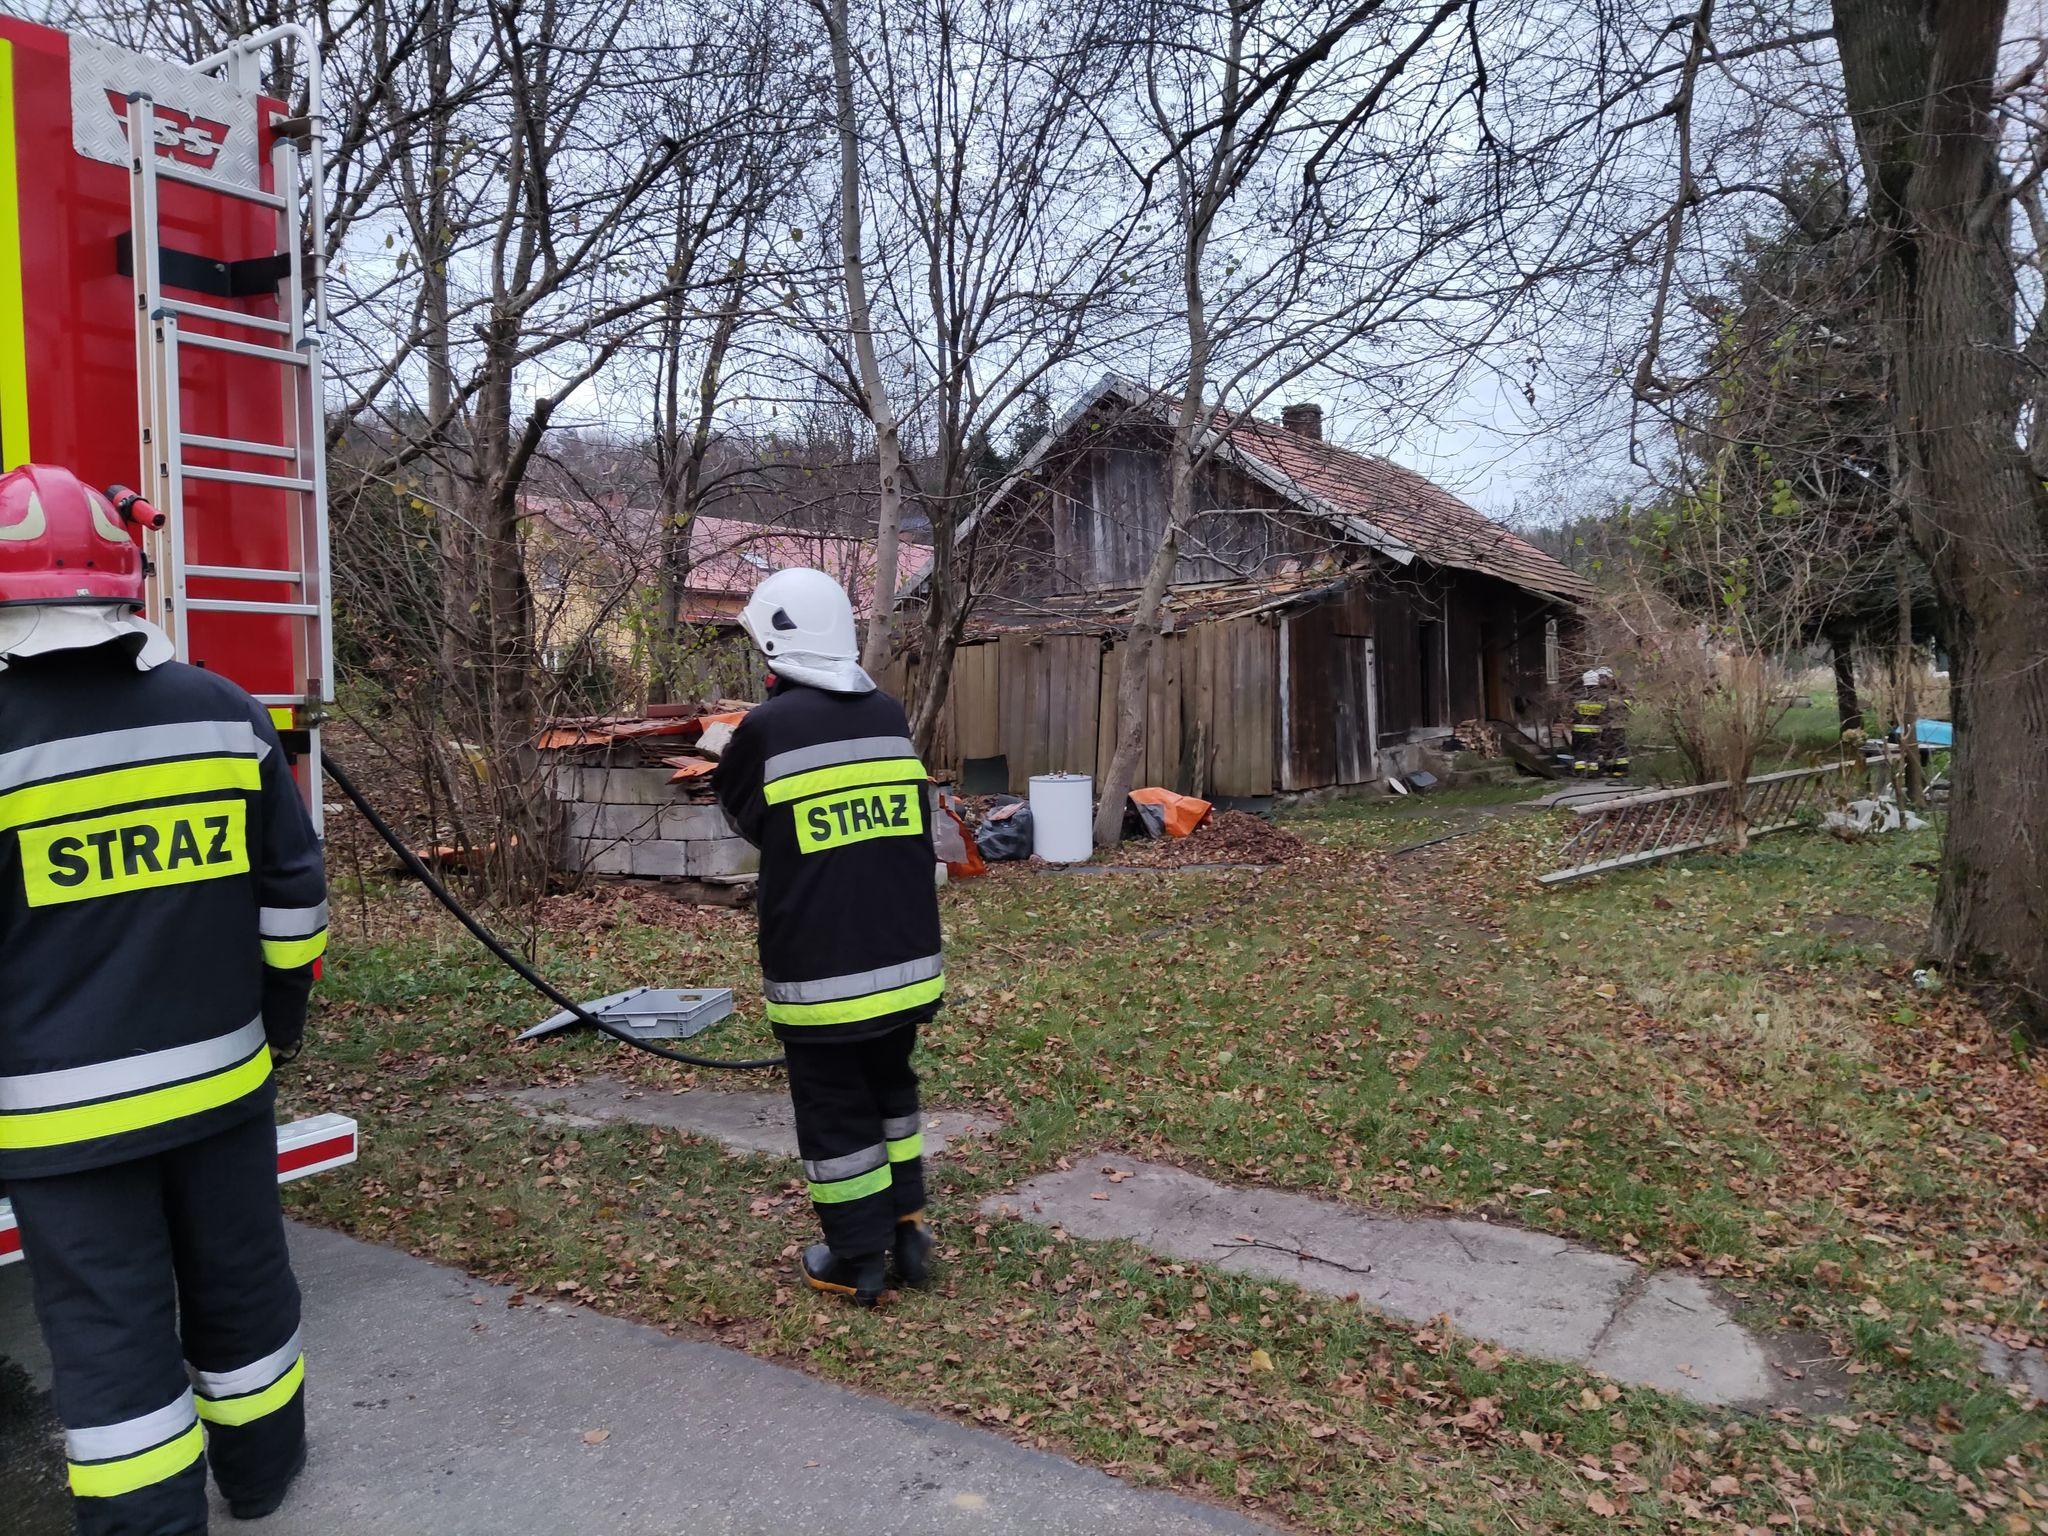 BYKOWCE: Pożar sadzy w kominie w drewnianym domu [FOTO+VIDEO] - Zdjęcie główne